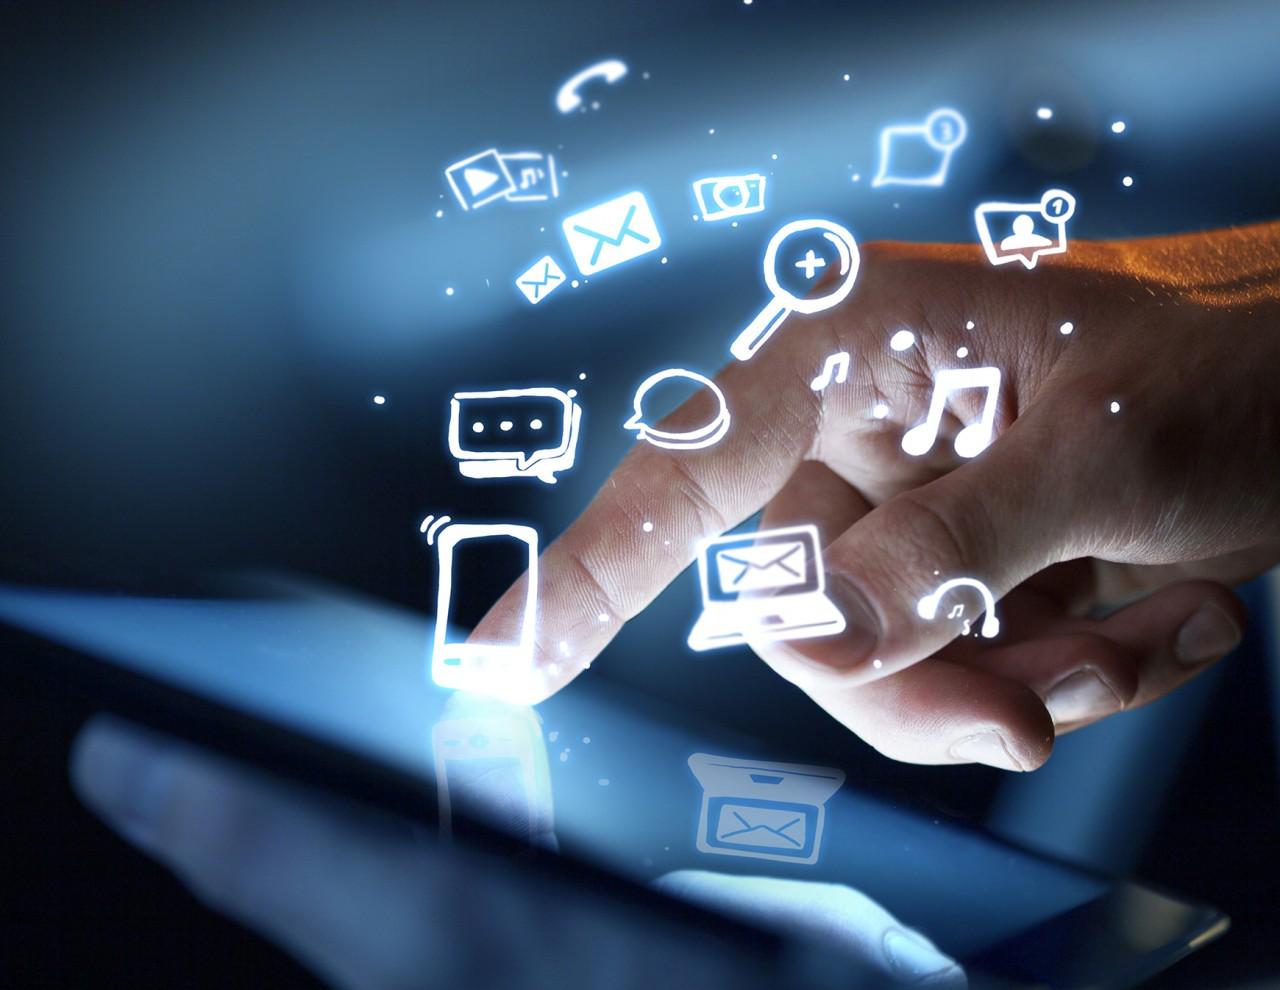 Internet of Things rukt op: waarmee willen we connected zijn?